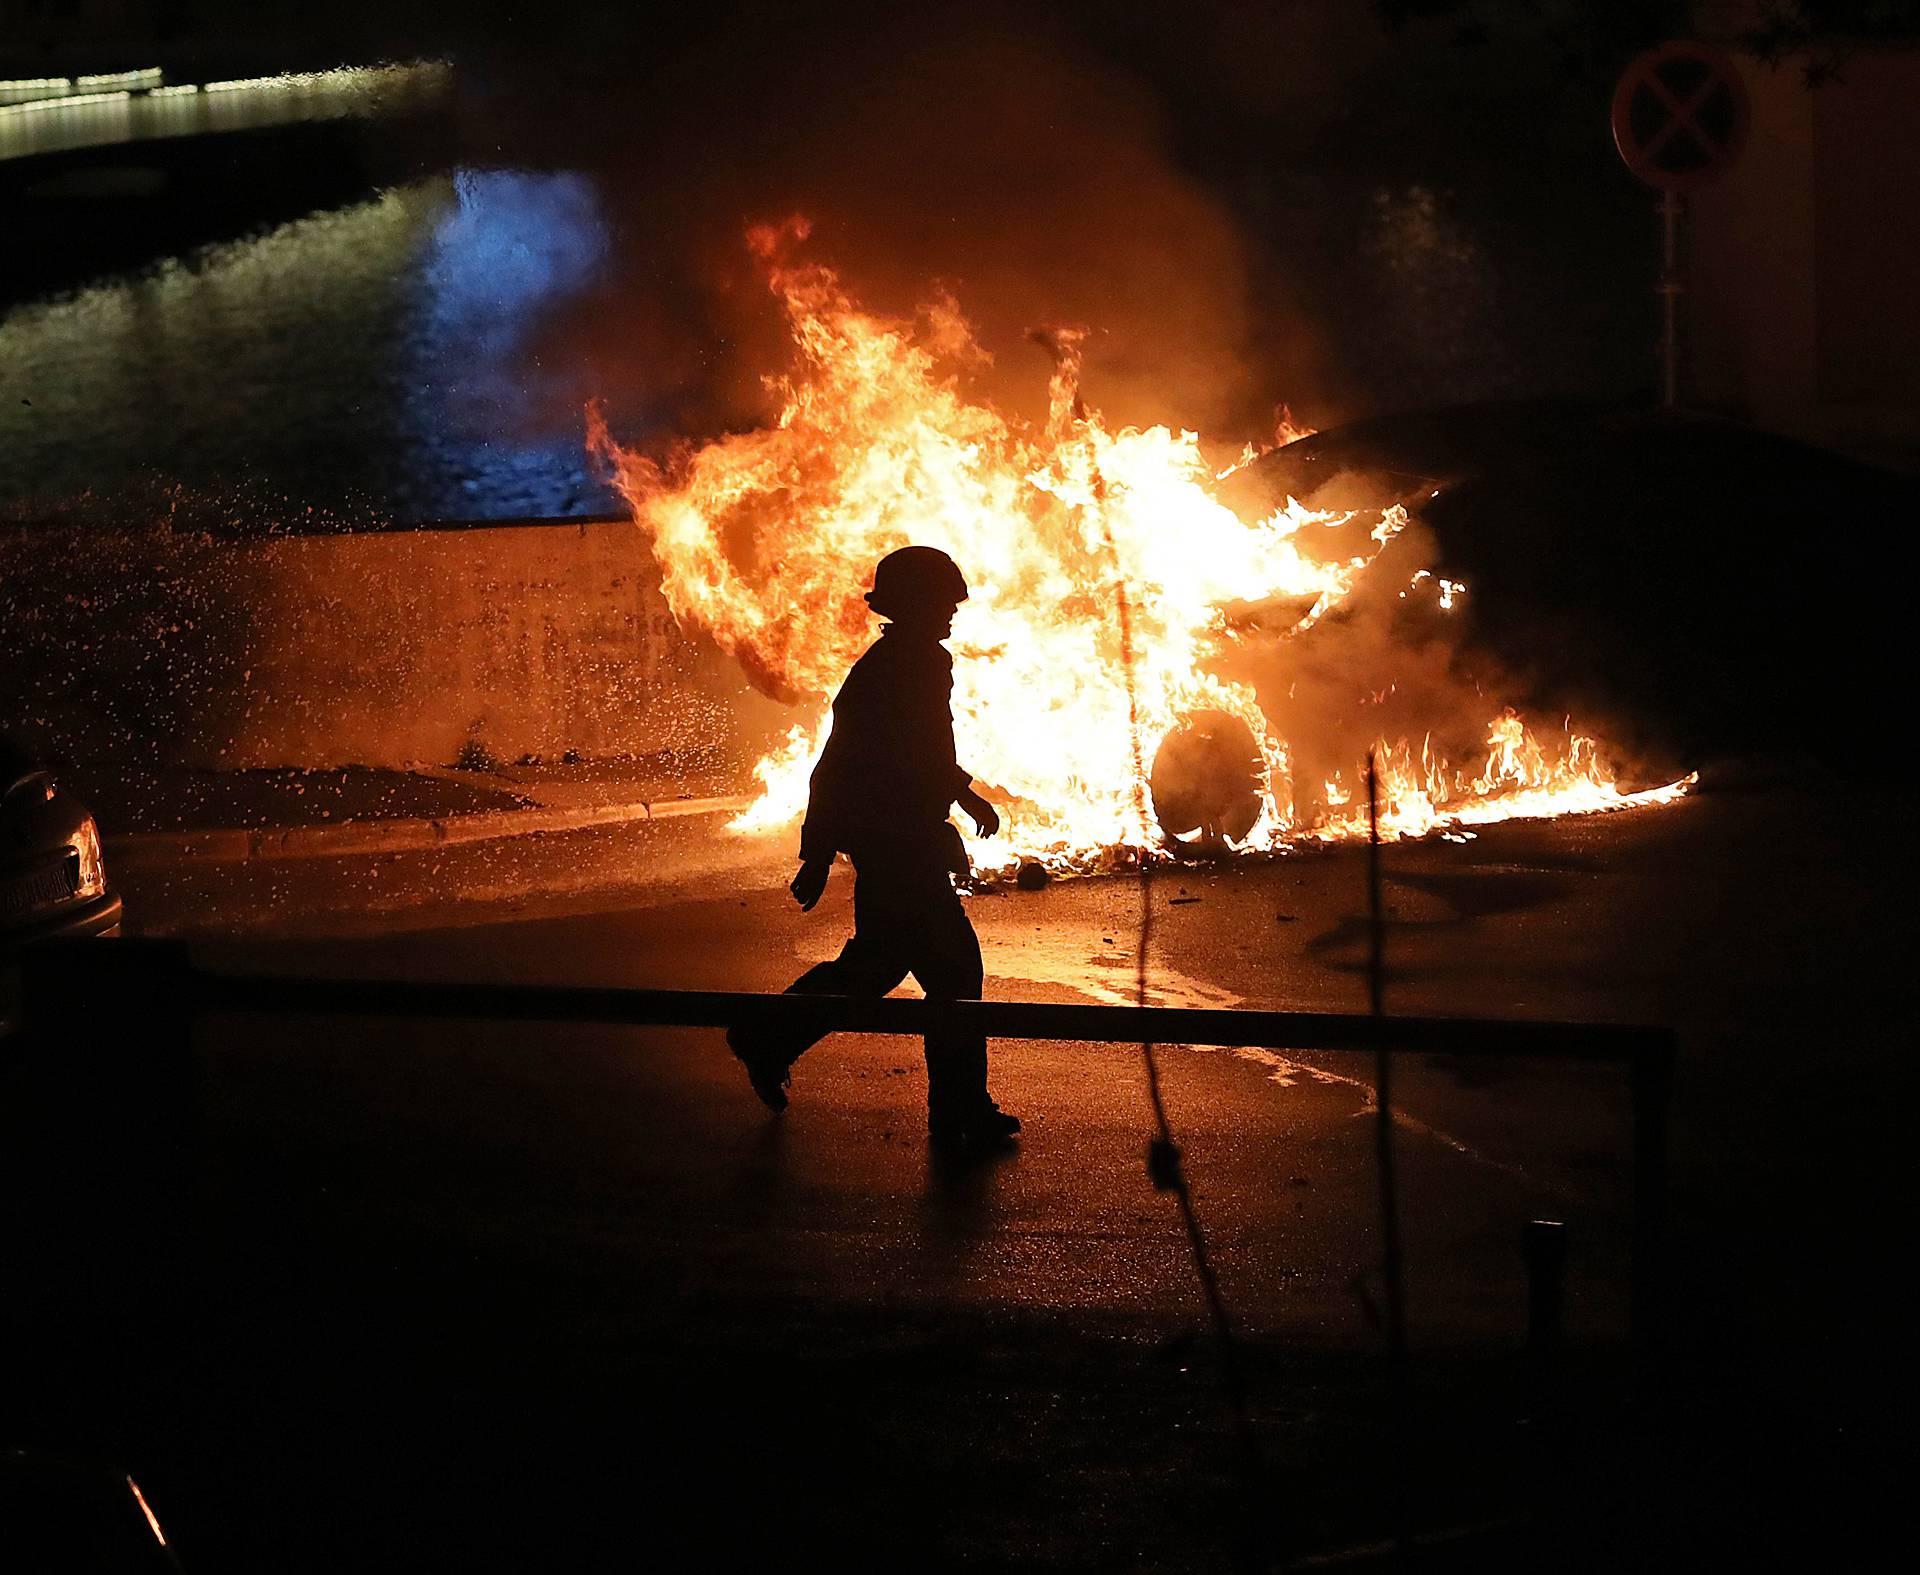 Buktinja kod zadarskih zidina: U noći izgorio luksuzni BMW